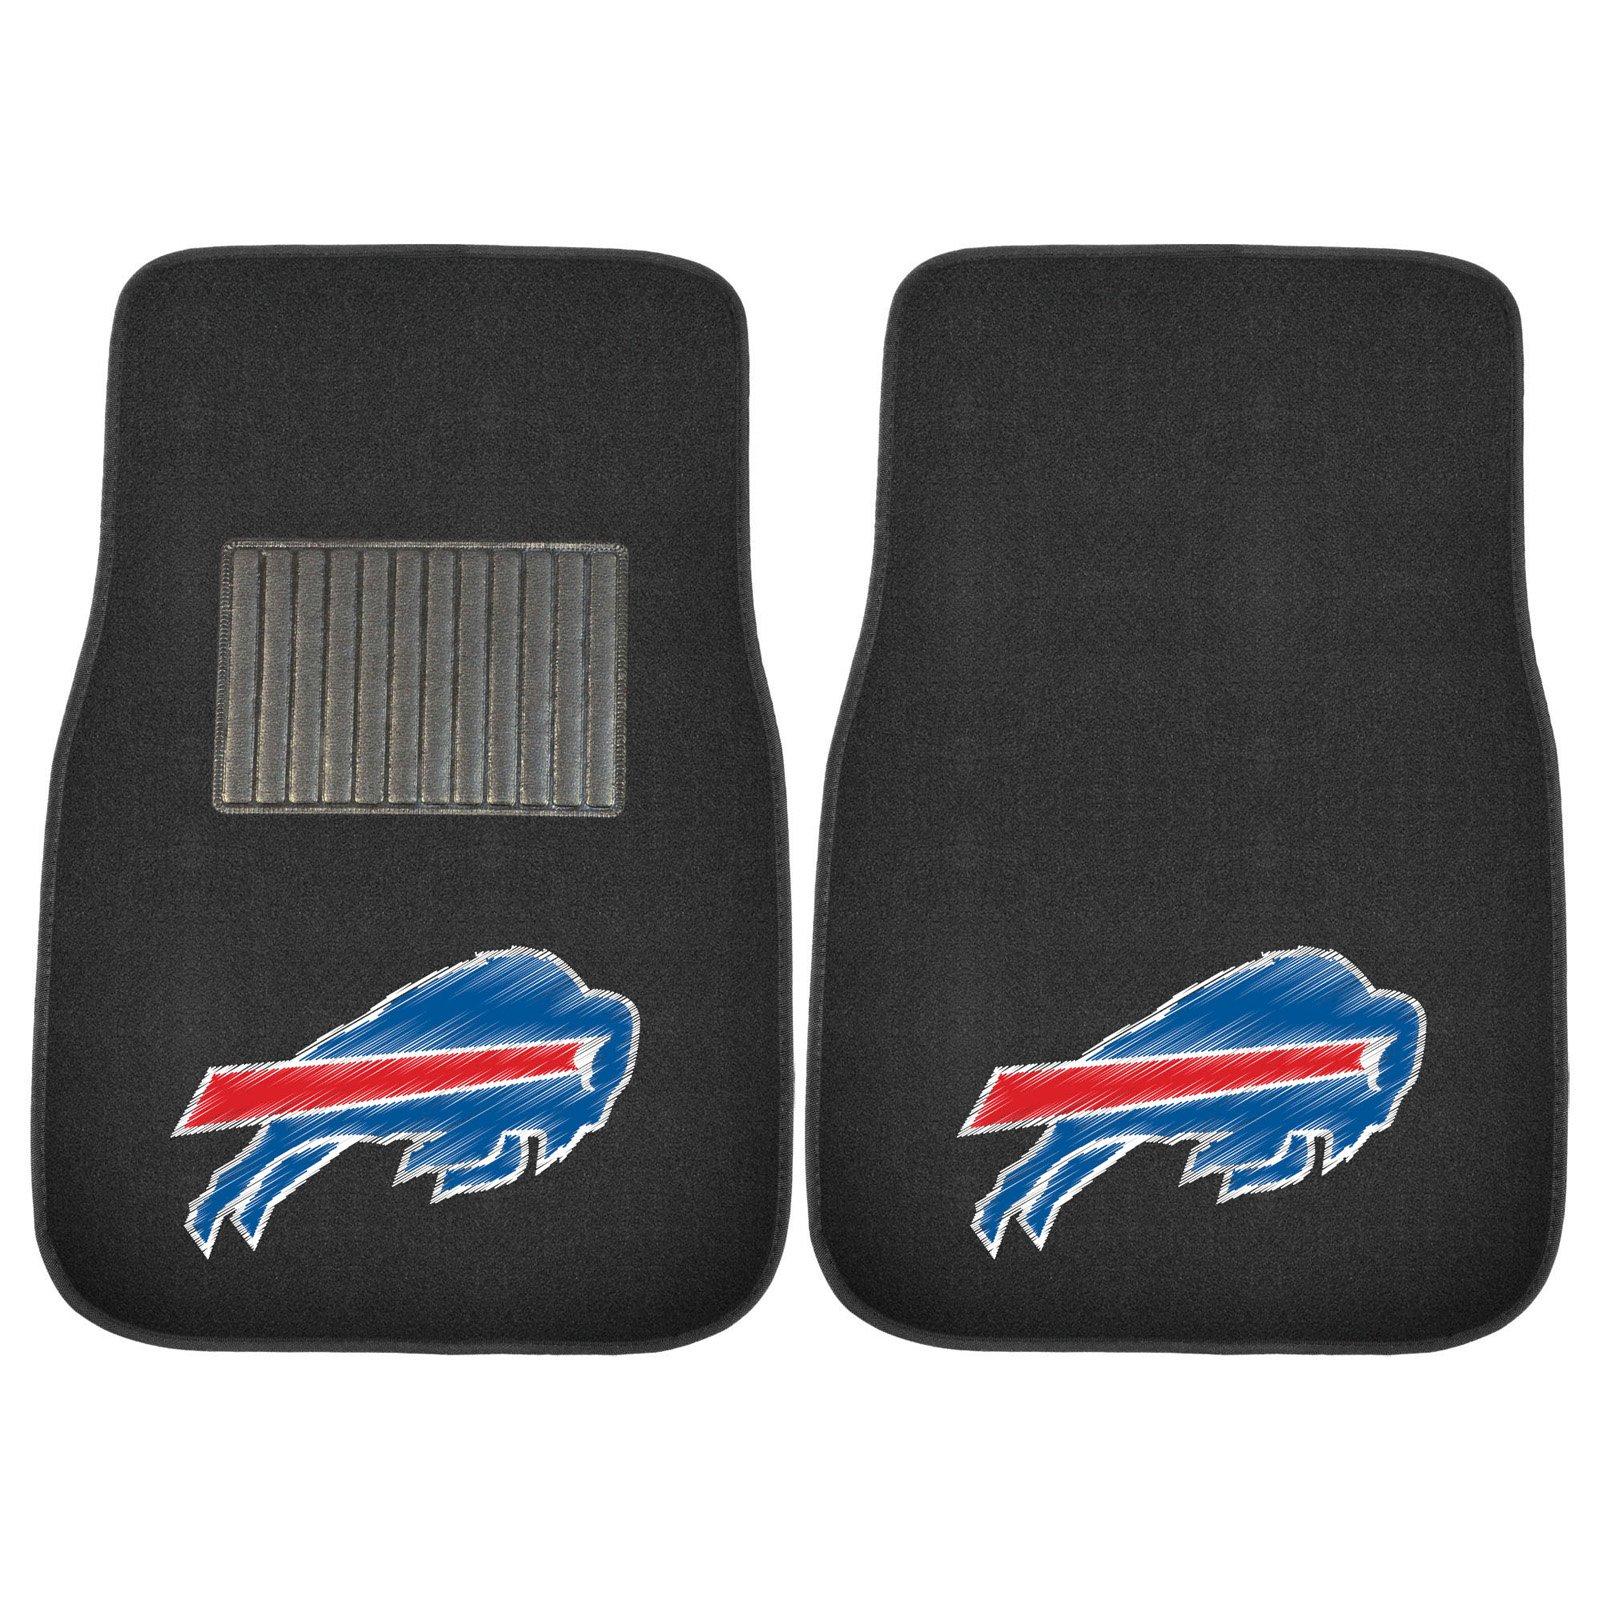 FanMats NFL Buffalo Bills 2-Piece Embroidered Car Mats